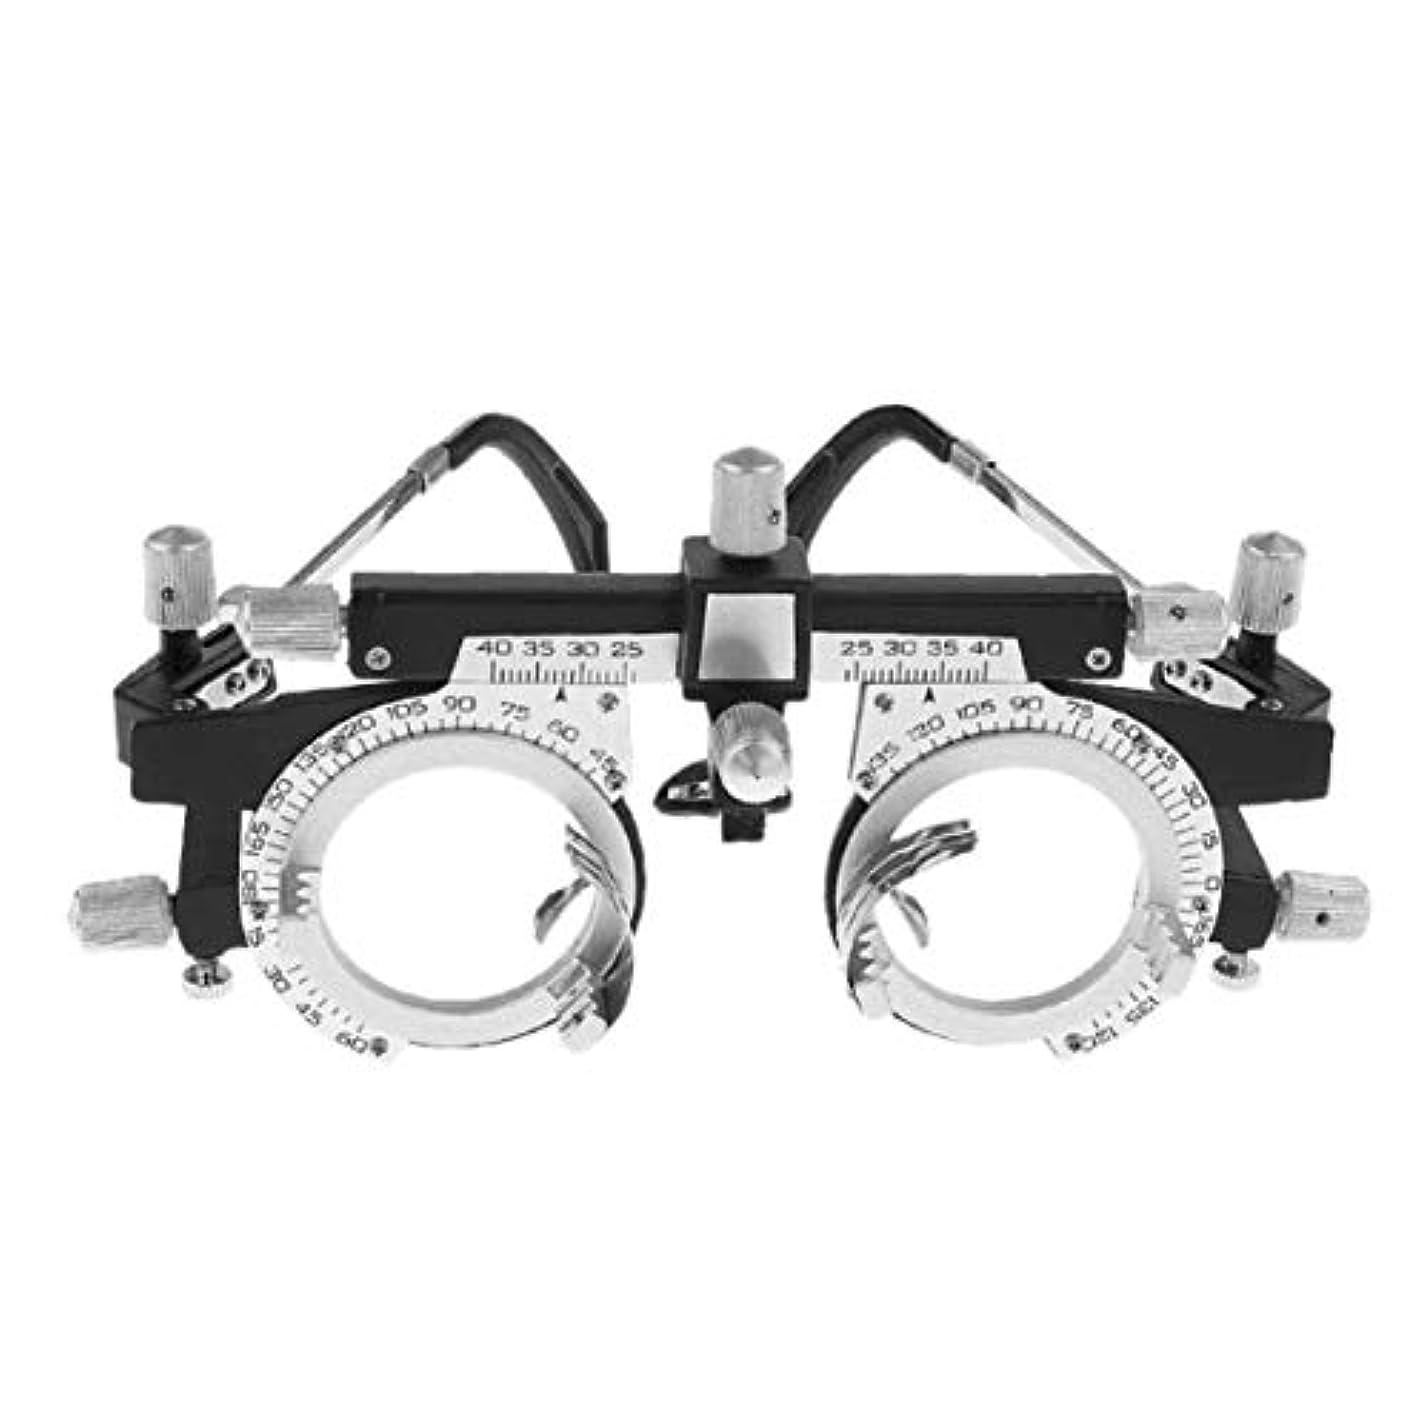 マットレス熱心な退屈な調節可能なプロフェッショナルアイウェア検眼メタルフレーム光学オプティクストライアルレンズメタルフレームPDメガネアクセサリー - シルバー&ブラック